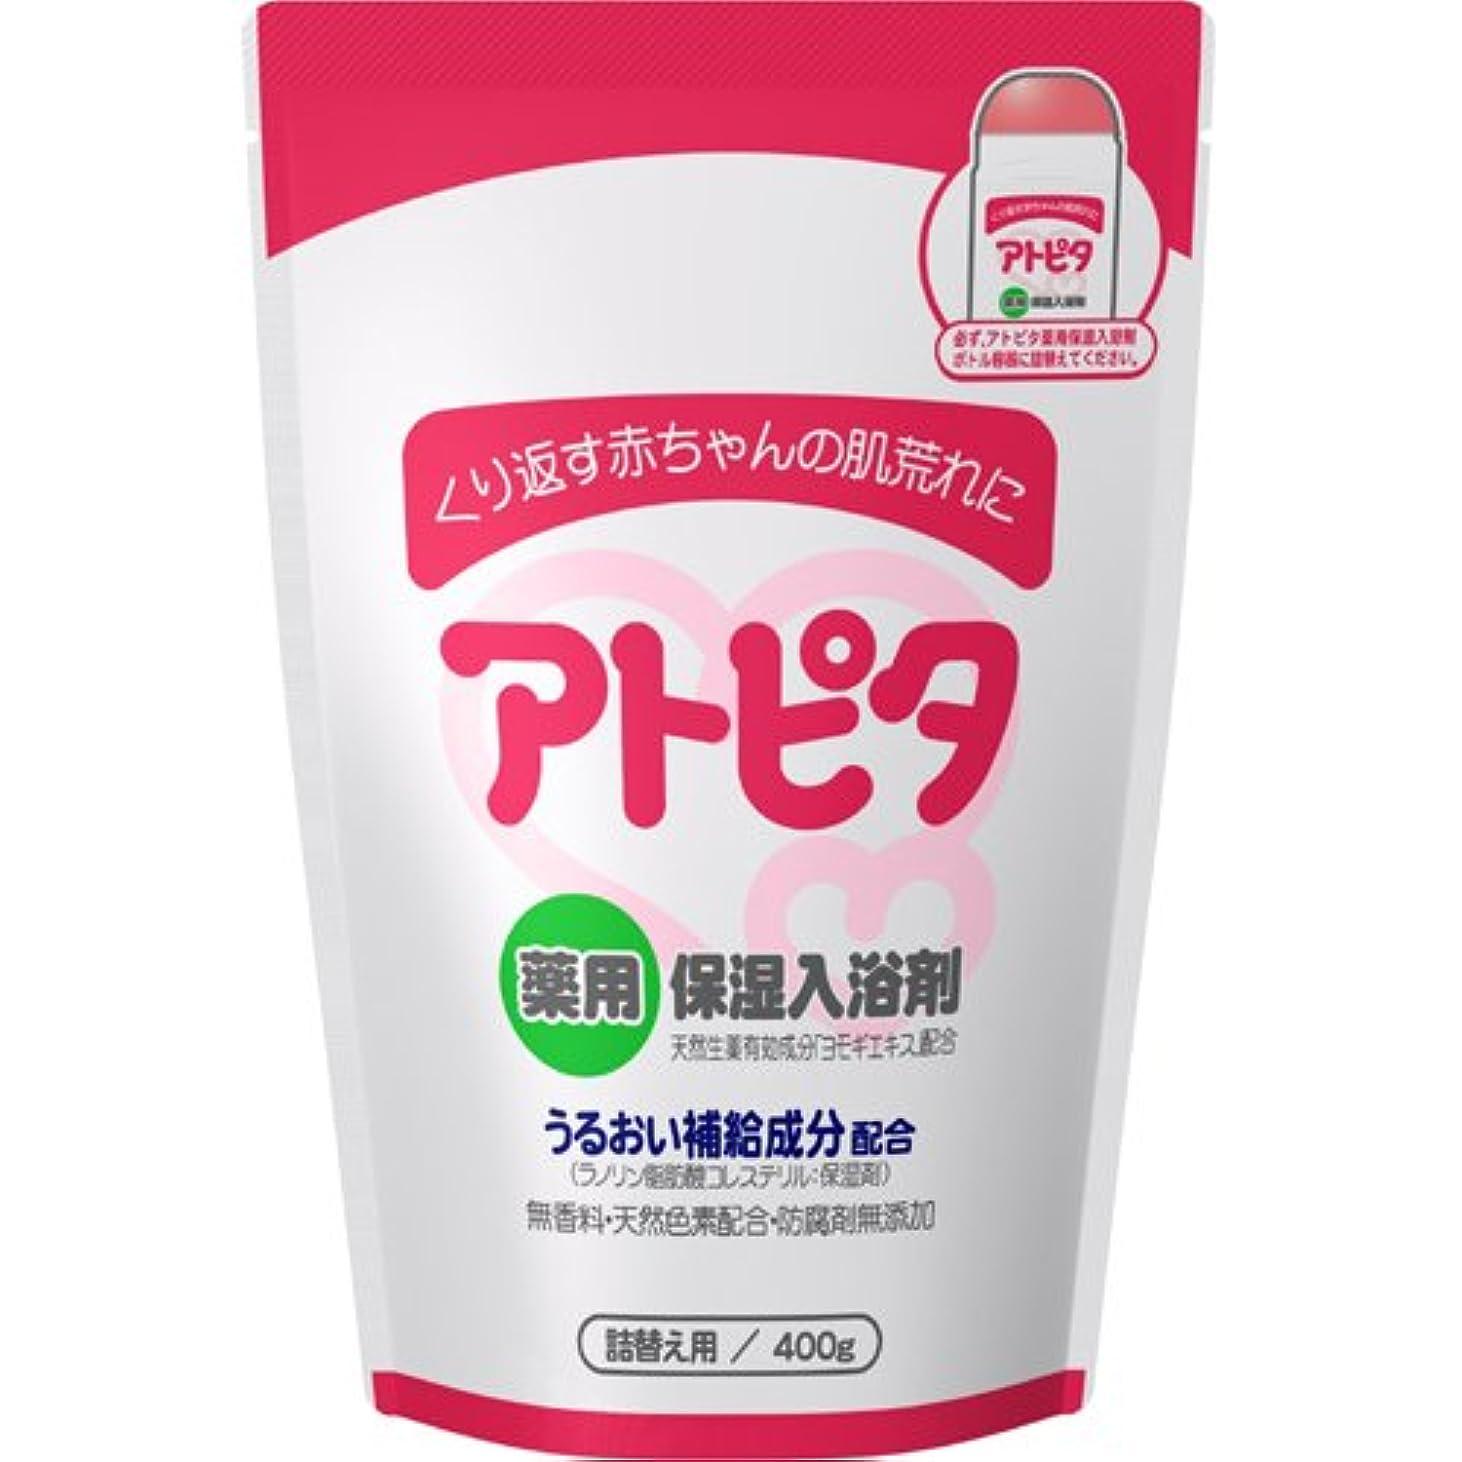 新アルエット アトピタ 薬用入浴剤 詰替え 400g ×5個セット